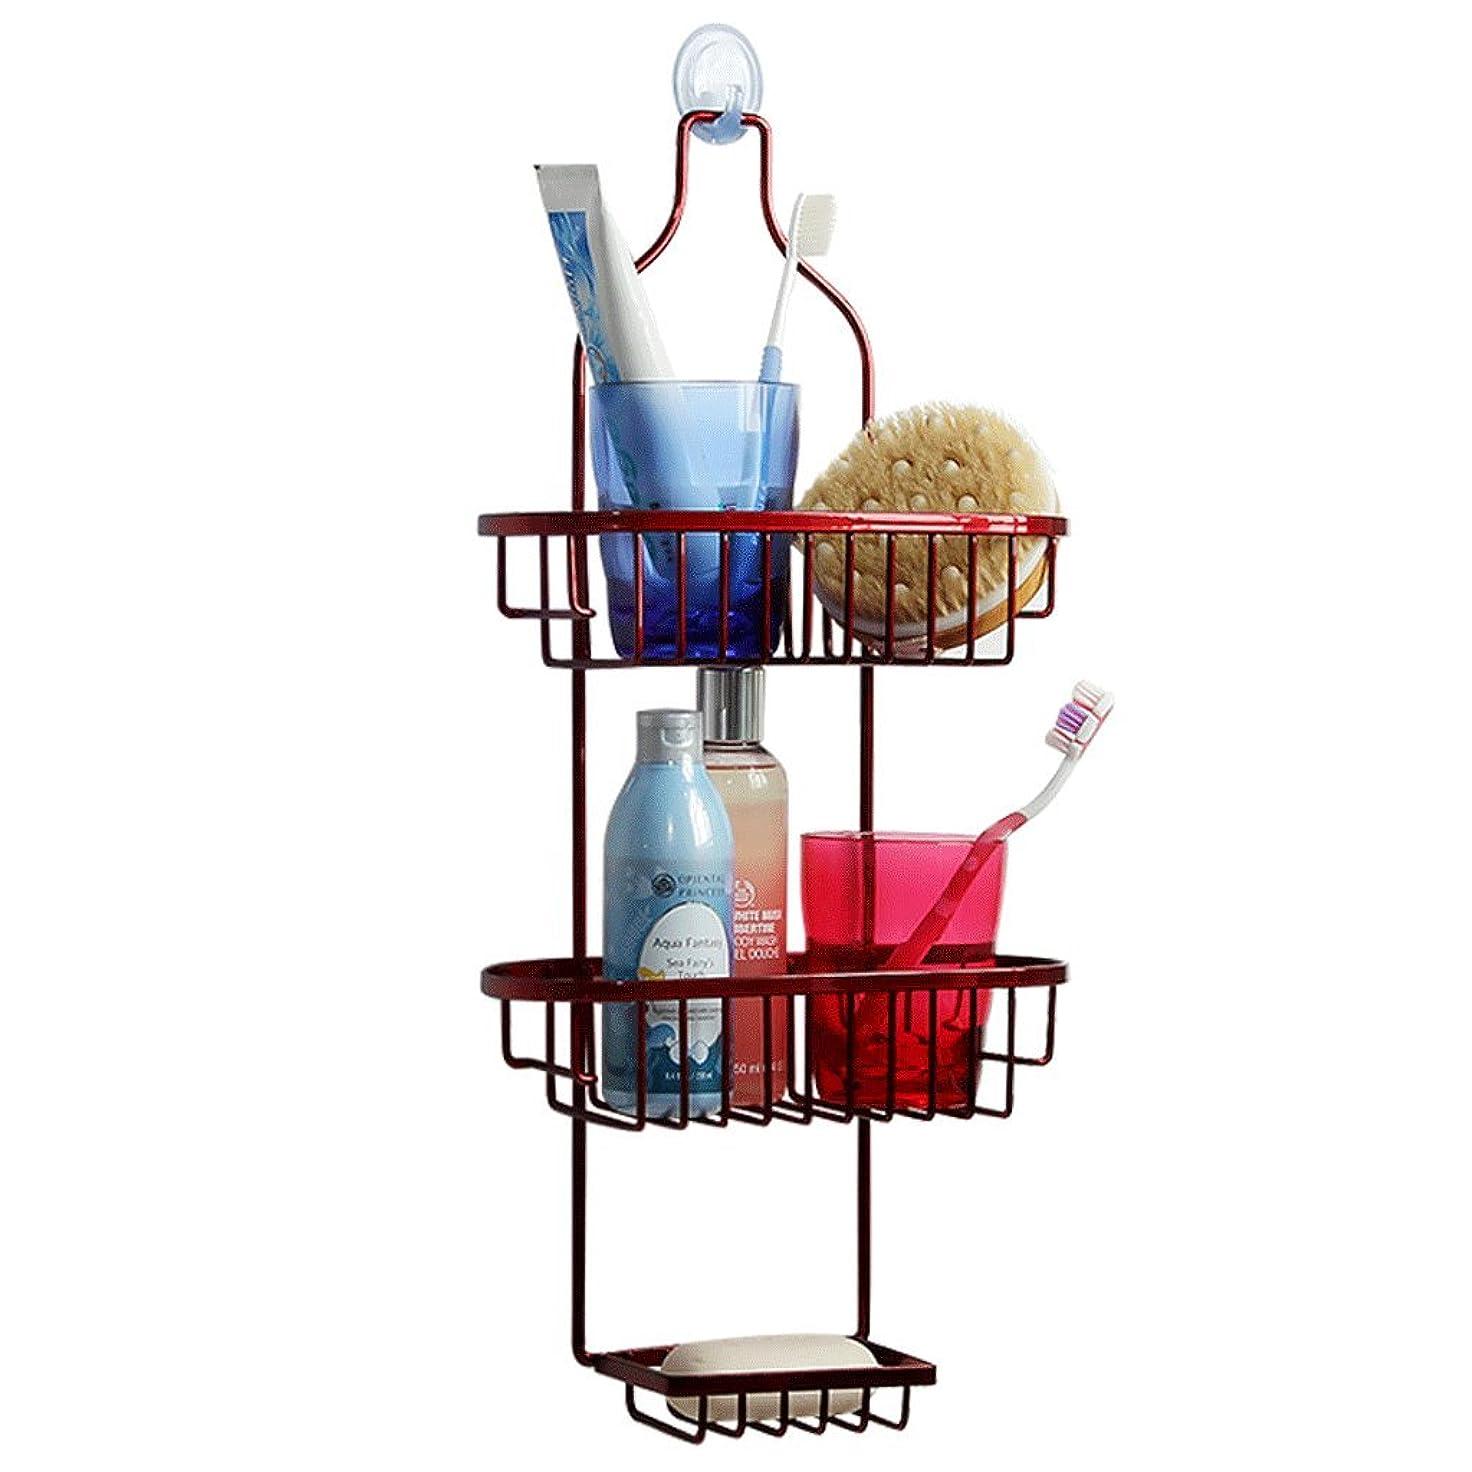 最適八百屋さん膨らませる錬鉄製の浴室棚サクションウォールキッチン棚ネイルフリーサクションカップ収納ラック大収納ラックフック